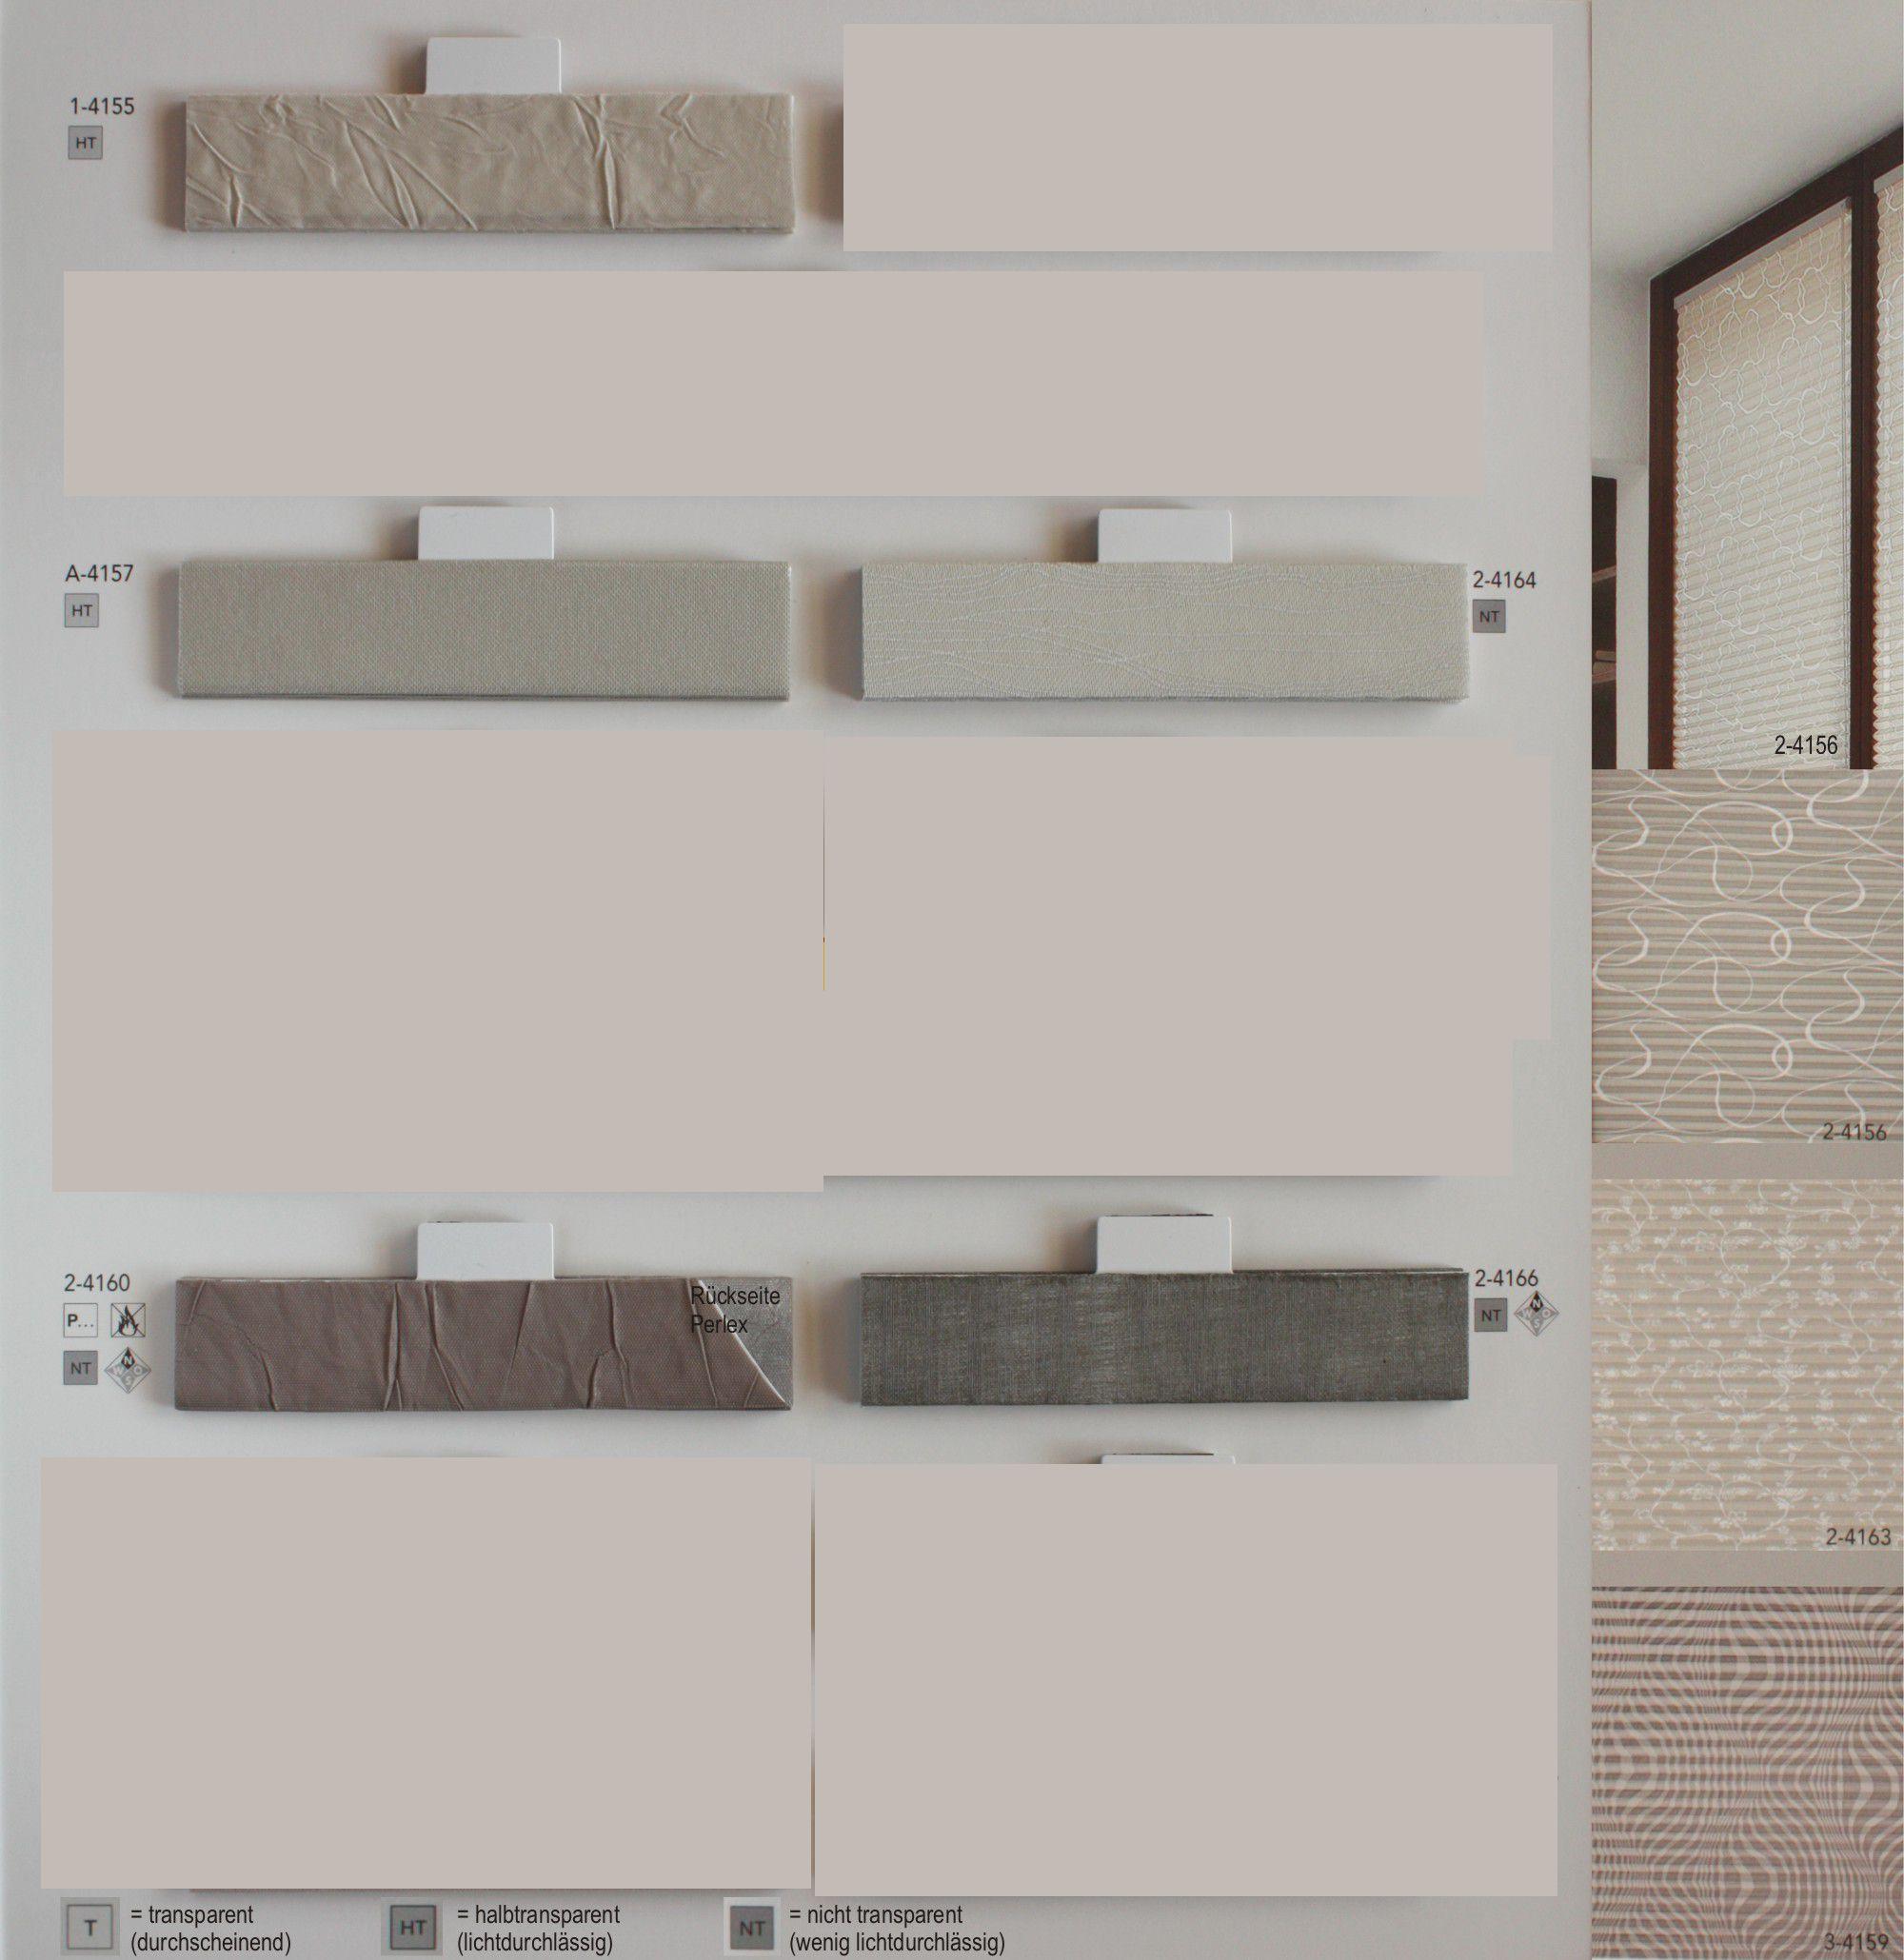 die sch nsten ideen beispiele und inspirierende pic f r. Black Bedroom Furniture Sets. Home Design Ideas